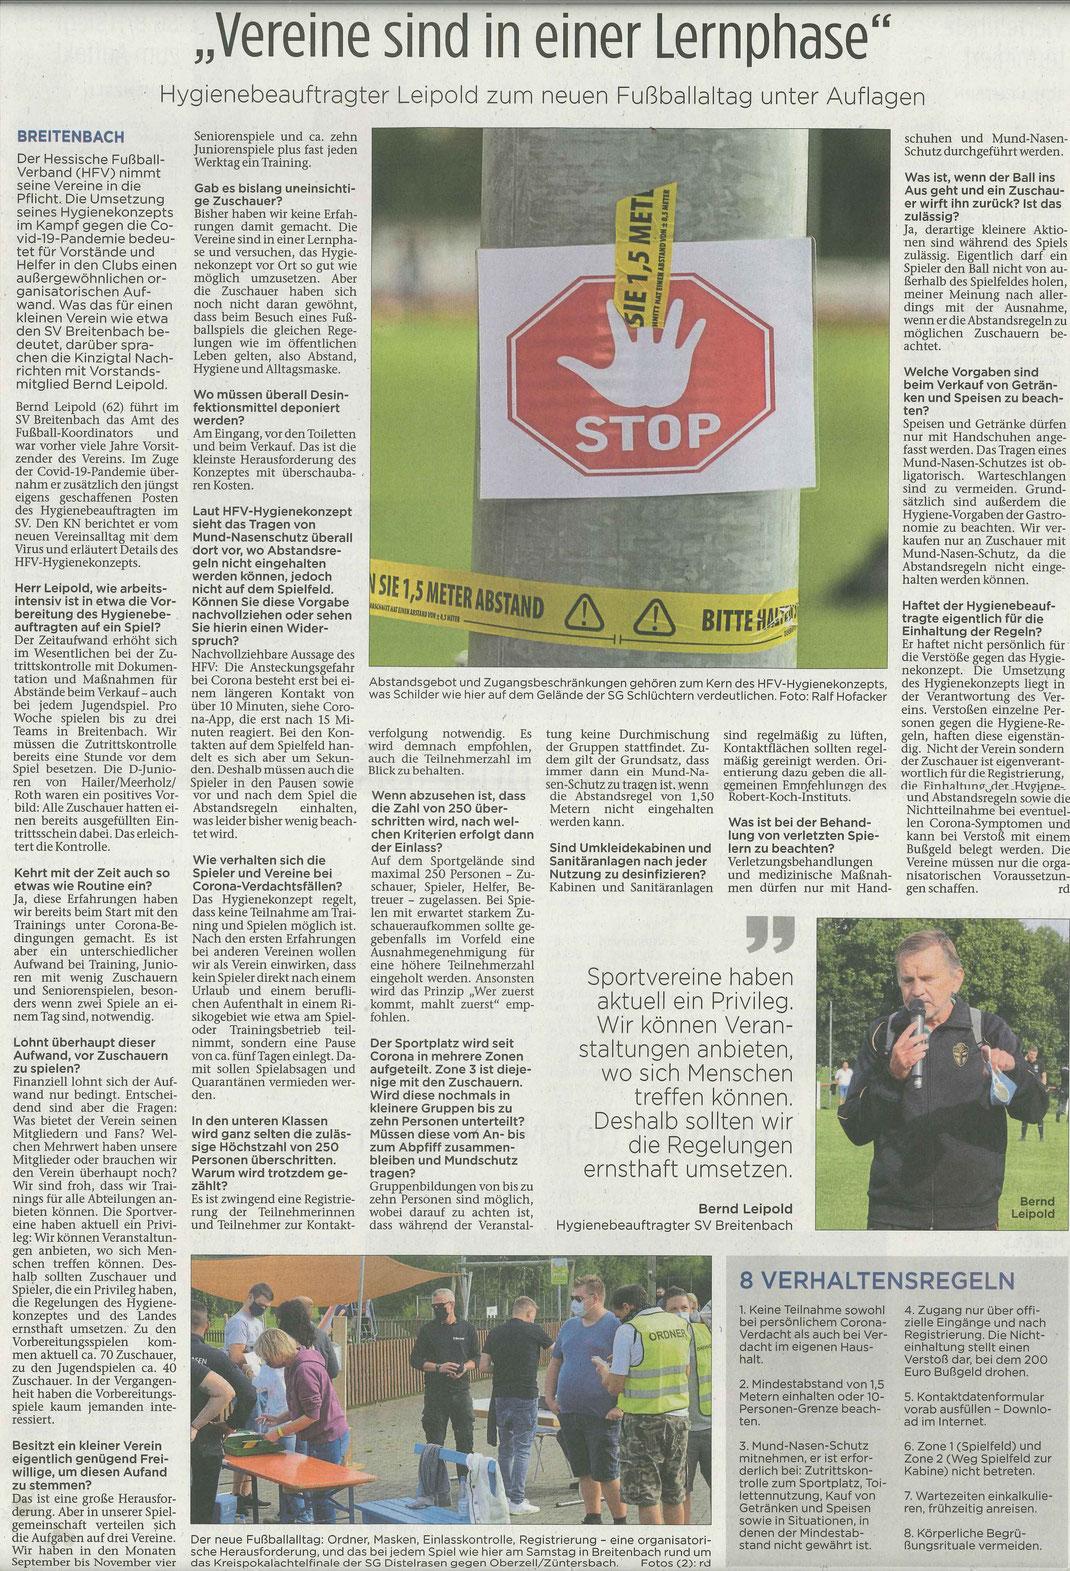 Erfahrungen und Tipps zum Hygienekonzept - Artikel der Kinzigtal-Nachrichten vom 3.9.2020